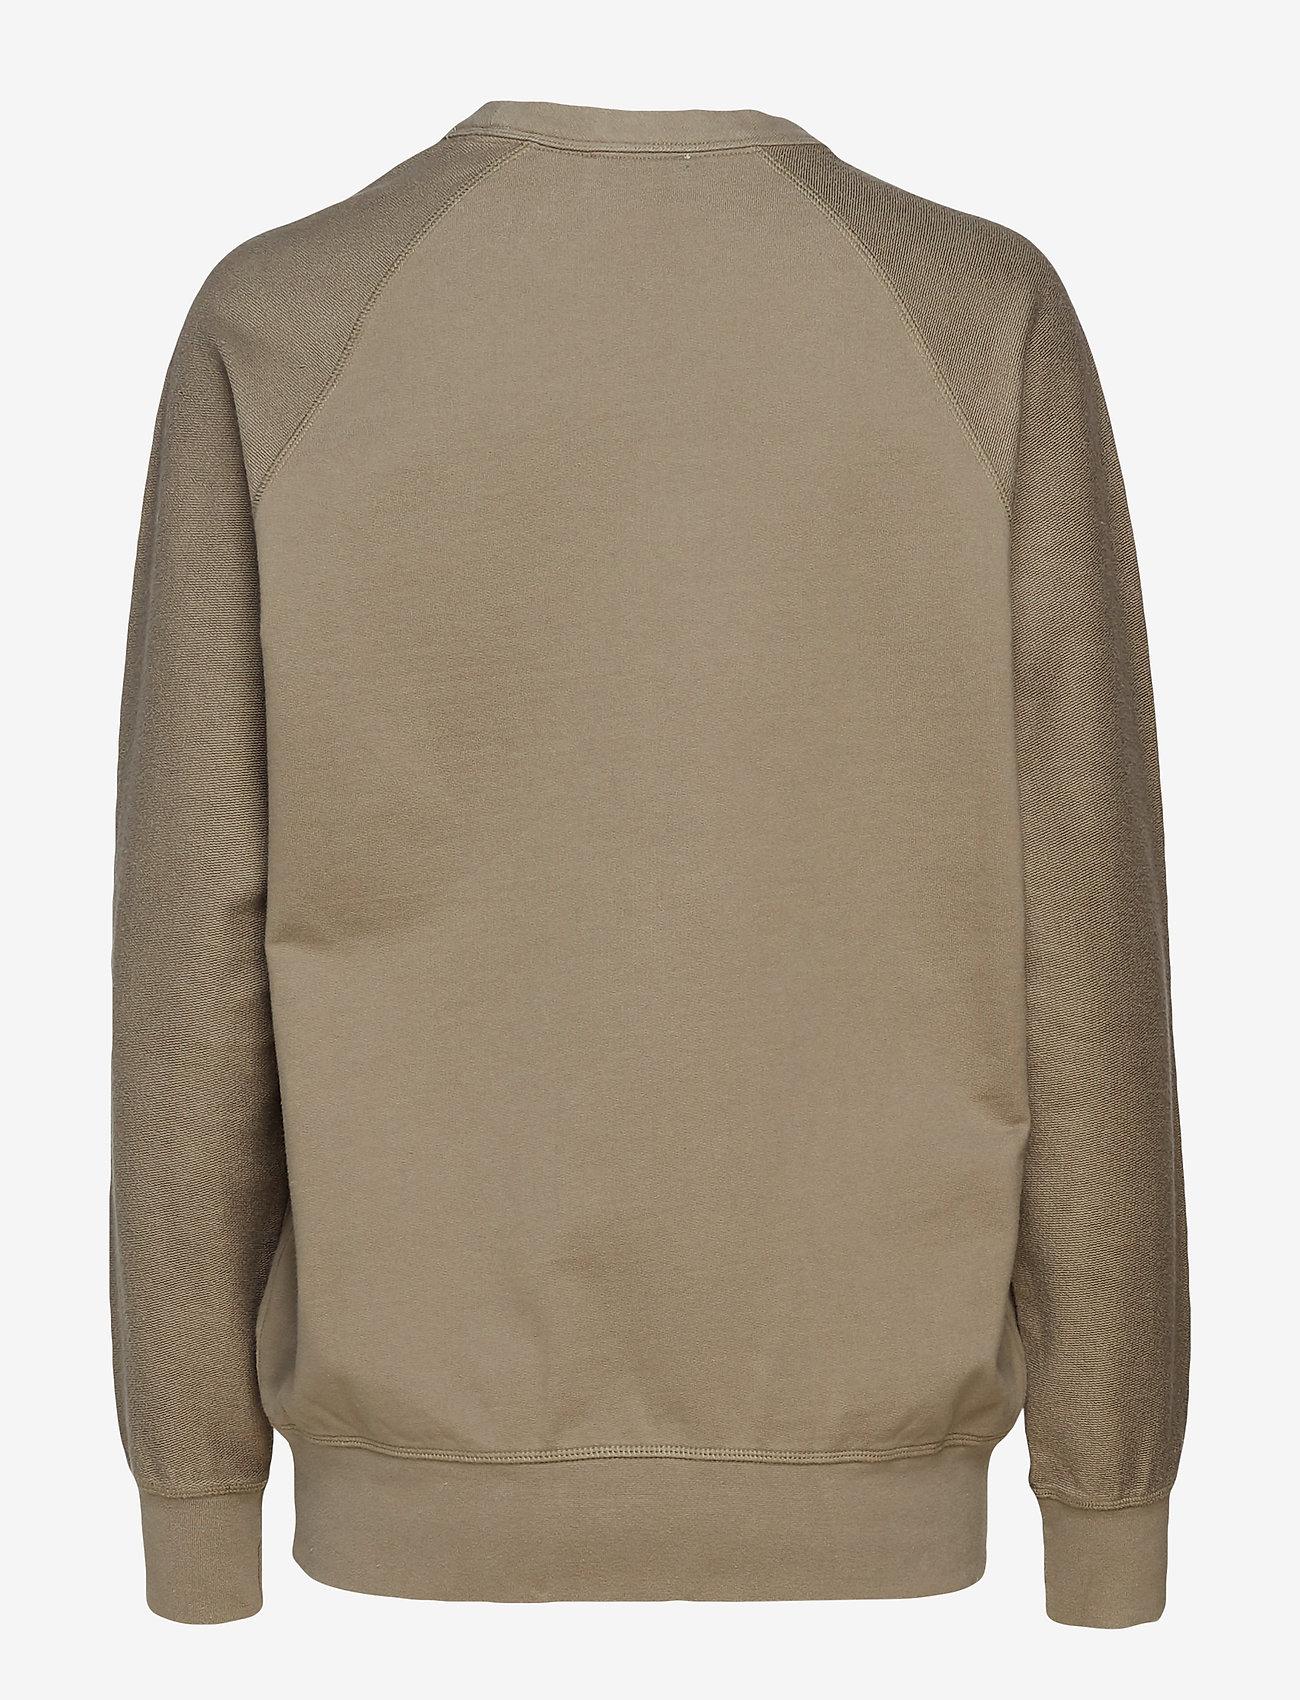 Wood Wood - Hester sweatshirt - sweatshirts - stone